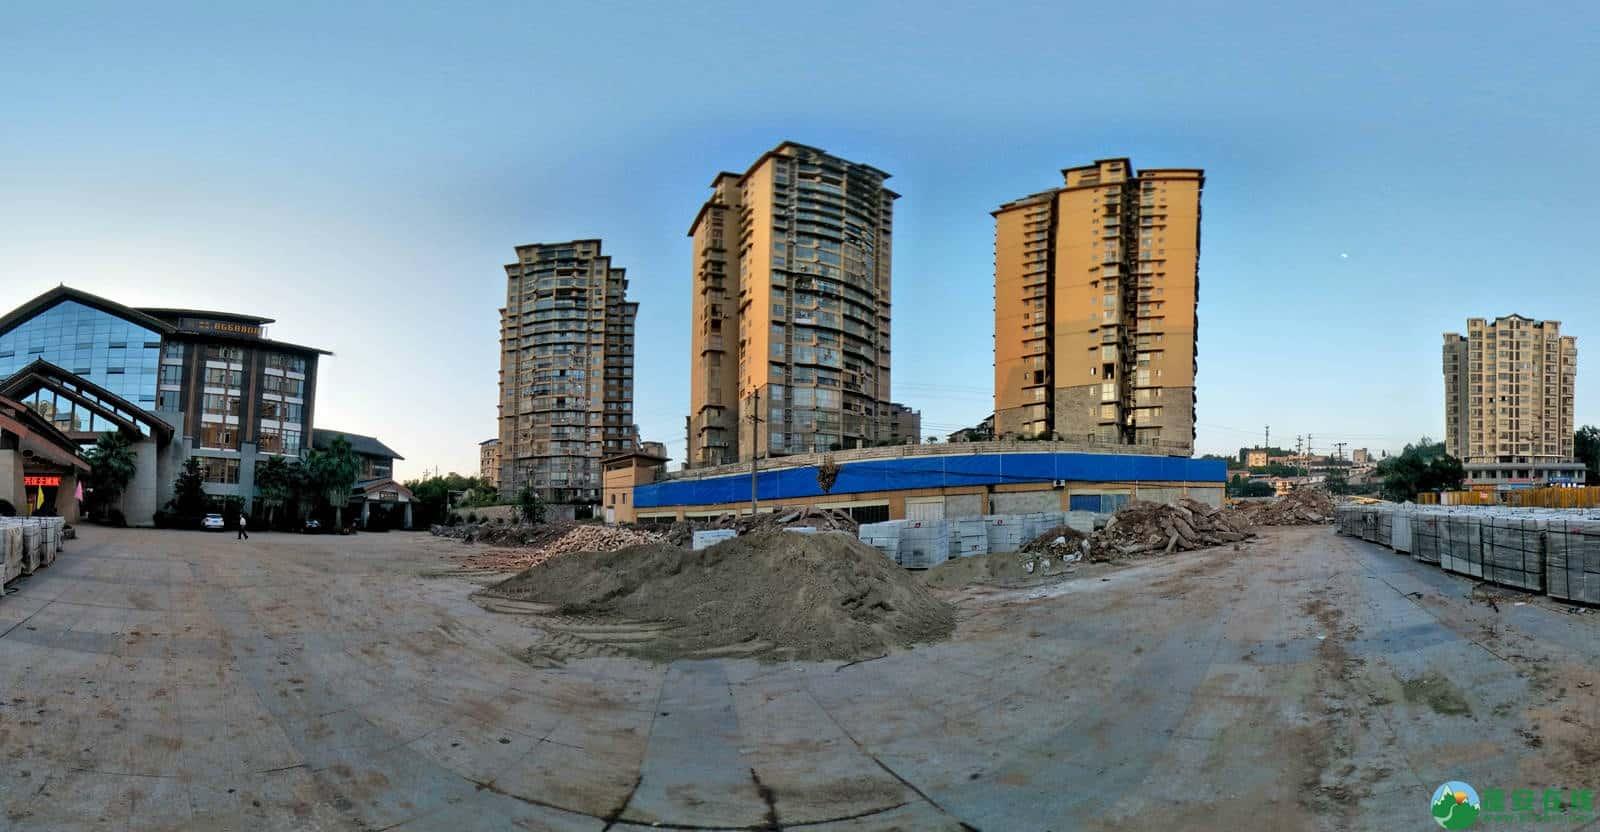 蓬安县嘉陵西路改建工程进展(2019-06-16) - 第9张  | 蓬安在线